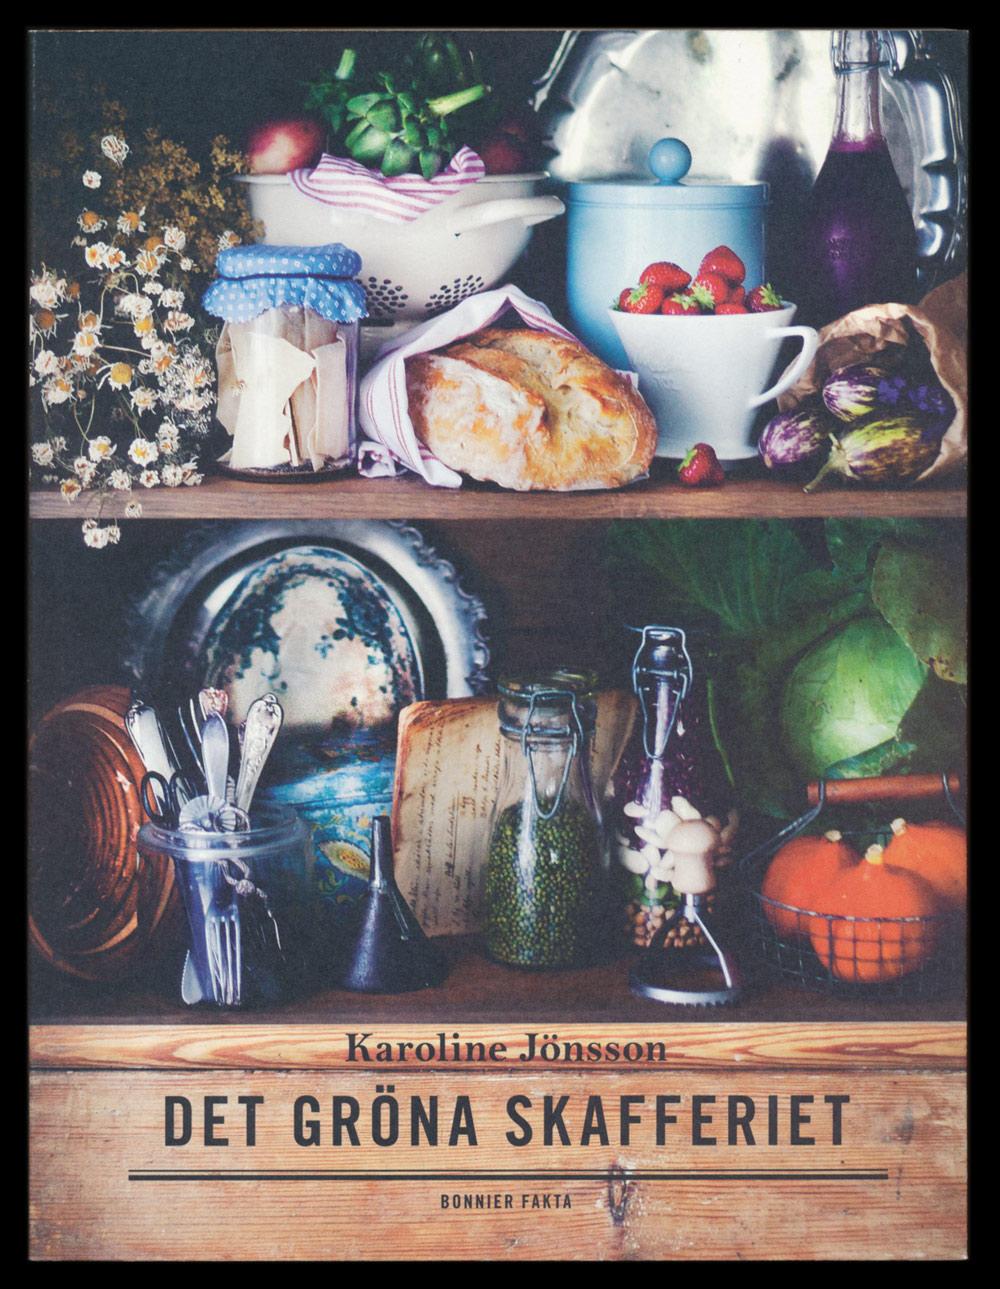 Det gröna skafferiet är skriven av Karoline Jönsson är en vegetarisk kokbok